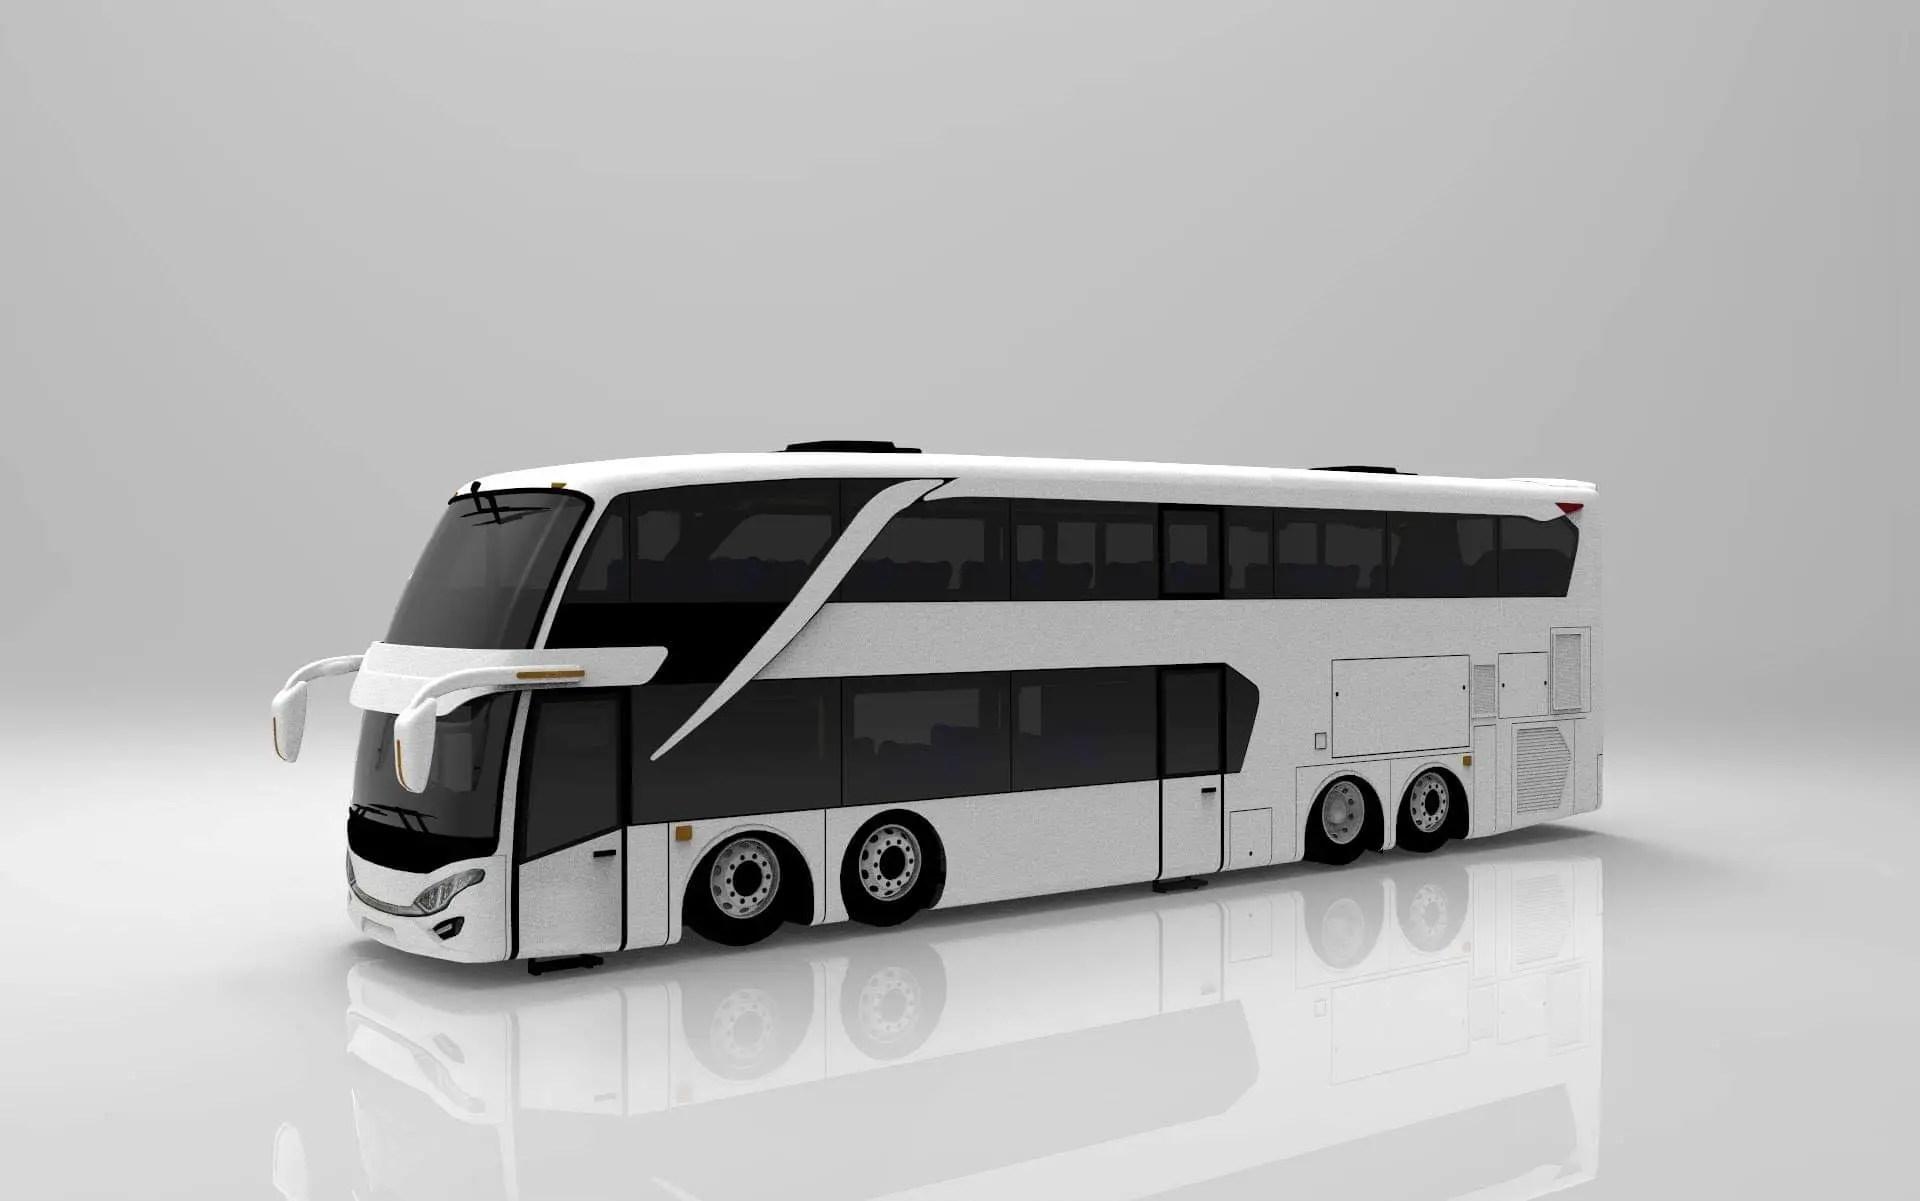 Download SDD V2 Bus Mod for Bus Simulator Indonesia, , Bus Mod, Bus Simulator Indonesia Mod, BUSSID mod, Gaming News, Gaming Update, Mod for BUSSID, SDD Bus Mod, SGCArena, Vehicle Mod